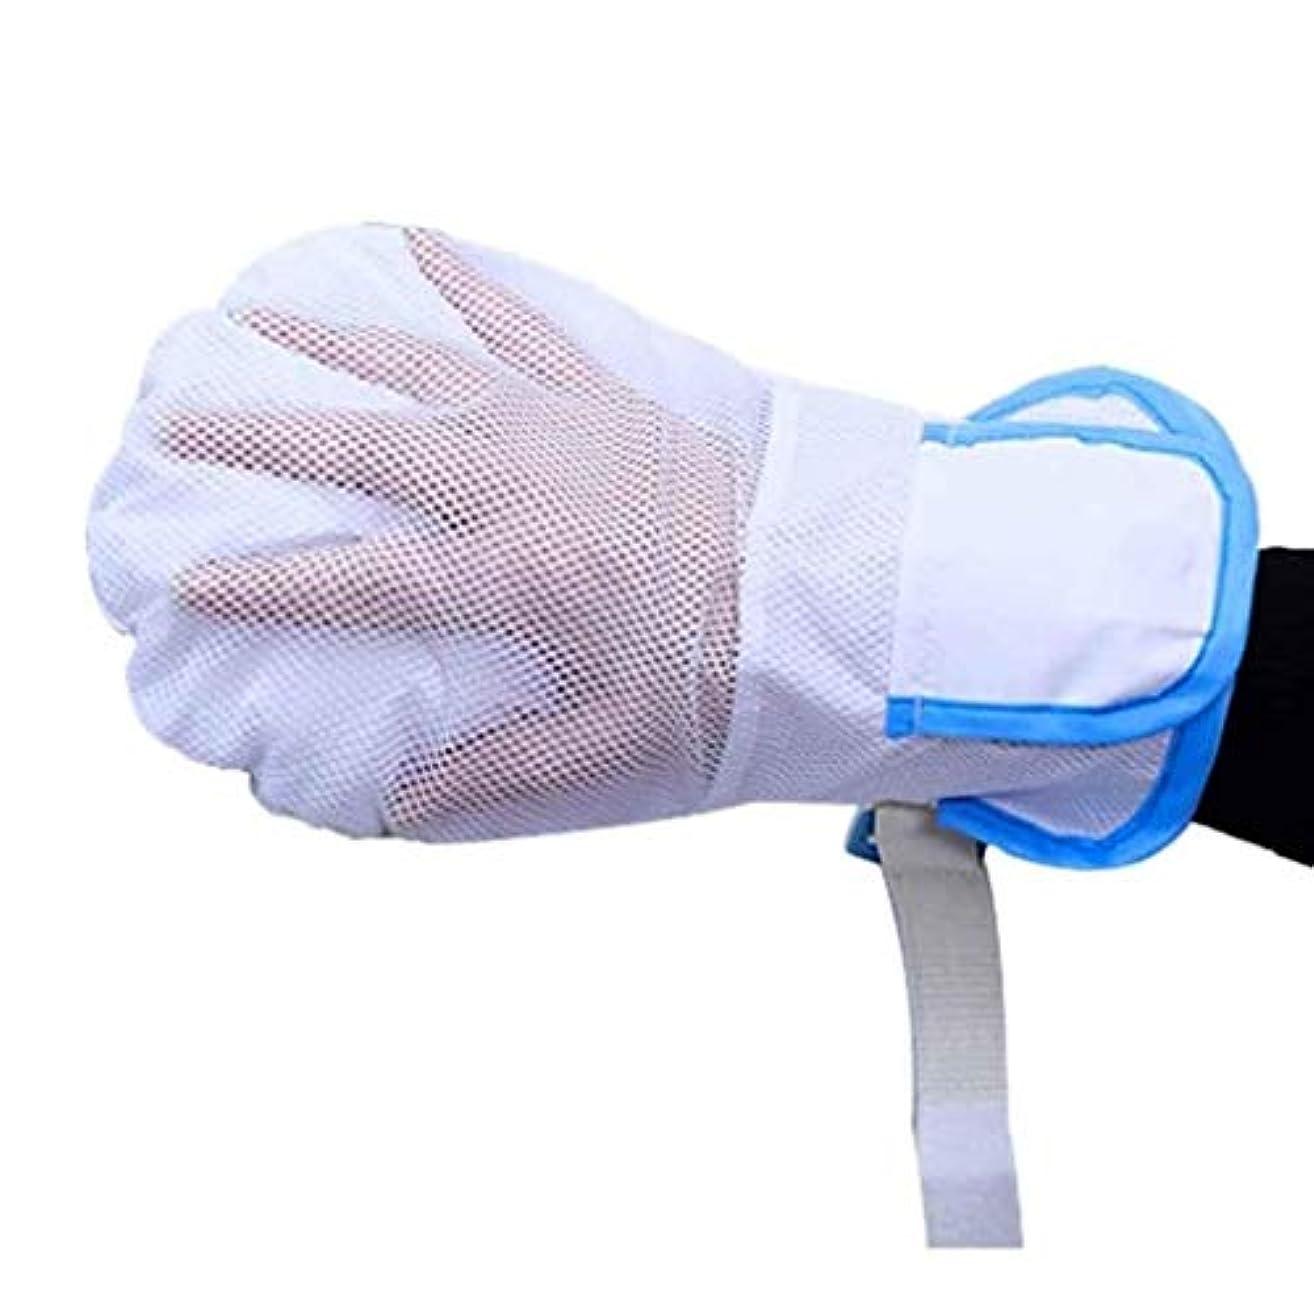 推論野ウサギ歴史家フィンガーコントロールミット 医療用防護服患者用手感染プロテクターパッド入りミットは高齢者のための指の害を防ぐための手袋を防ぎます